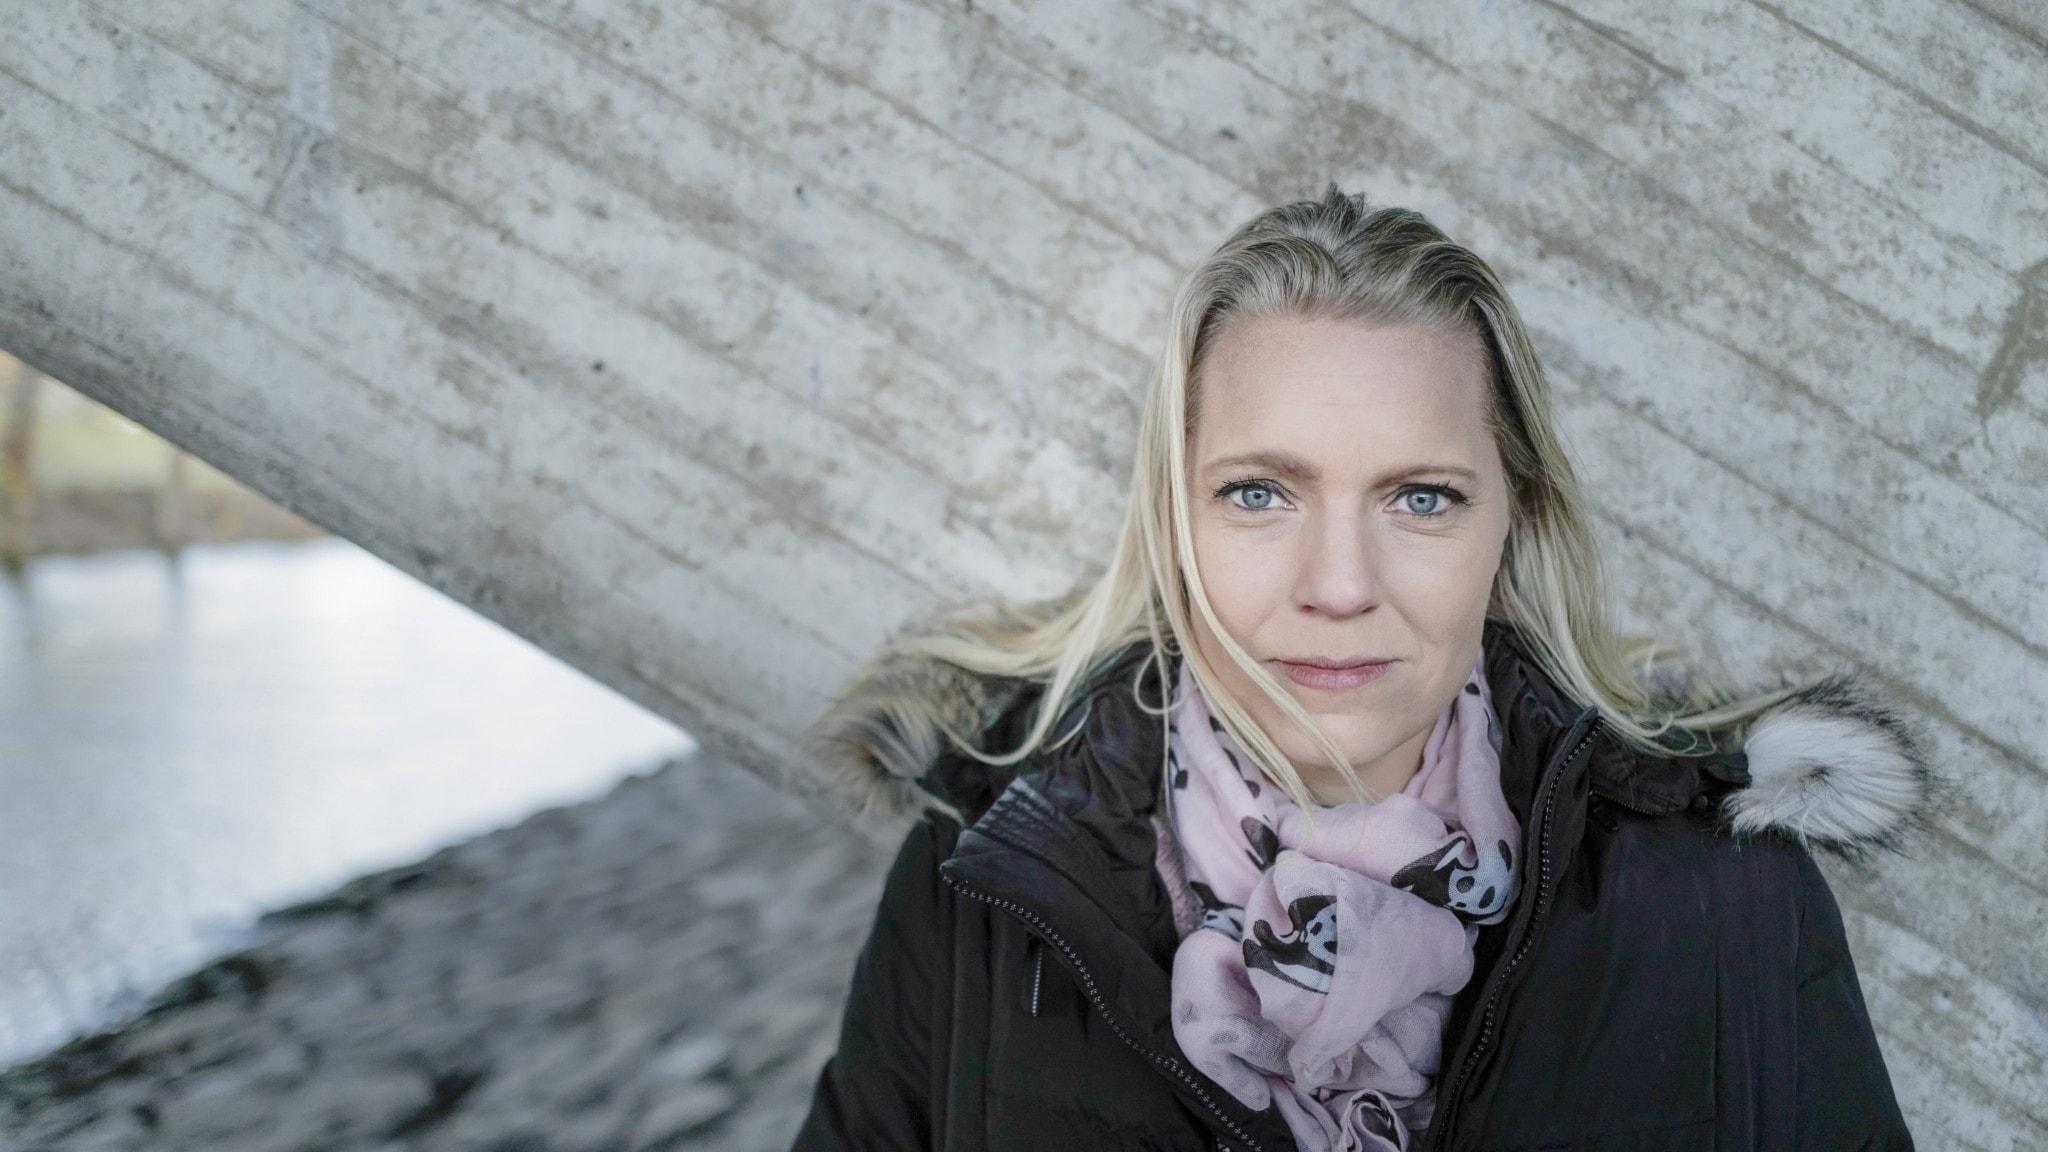 Carina Bergfeldt talar ut, SR bröt mot källskyddet om bombhot och journalistik under talibanernas styre